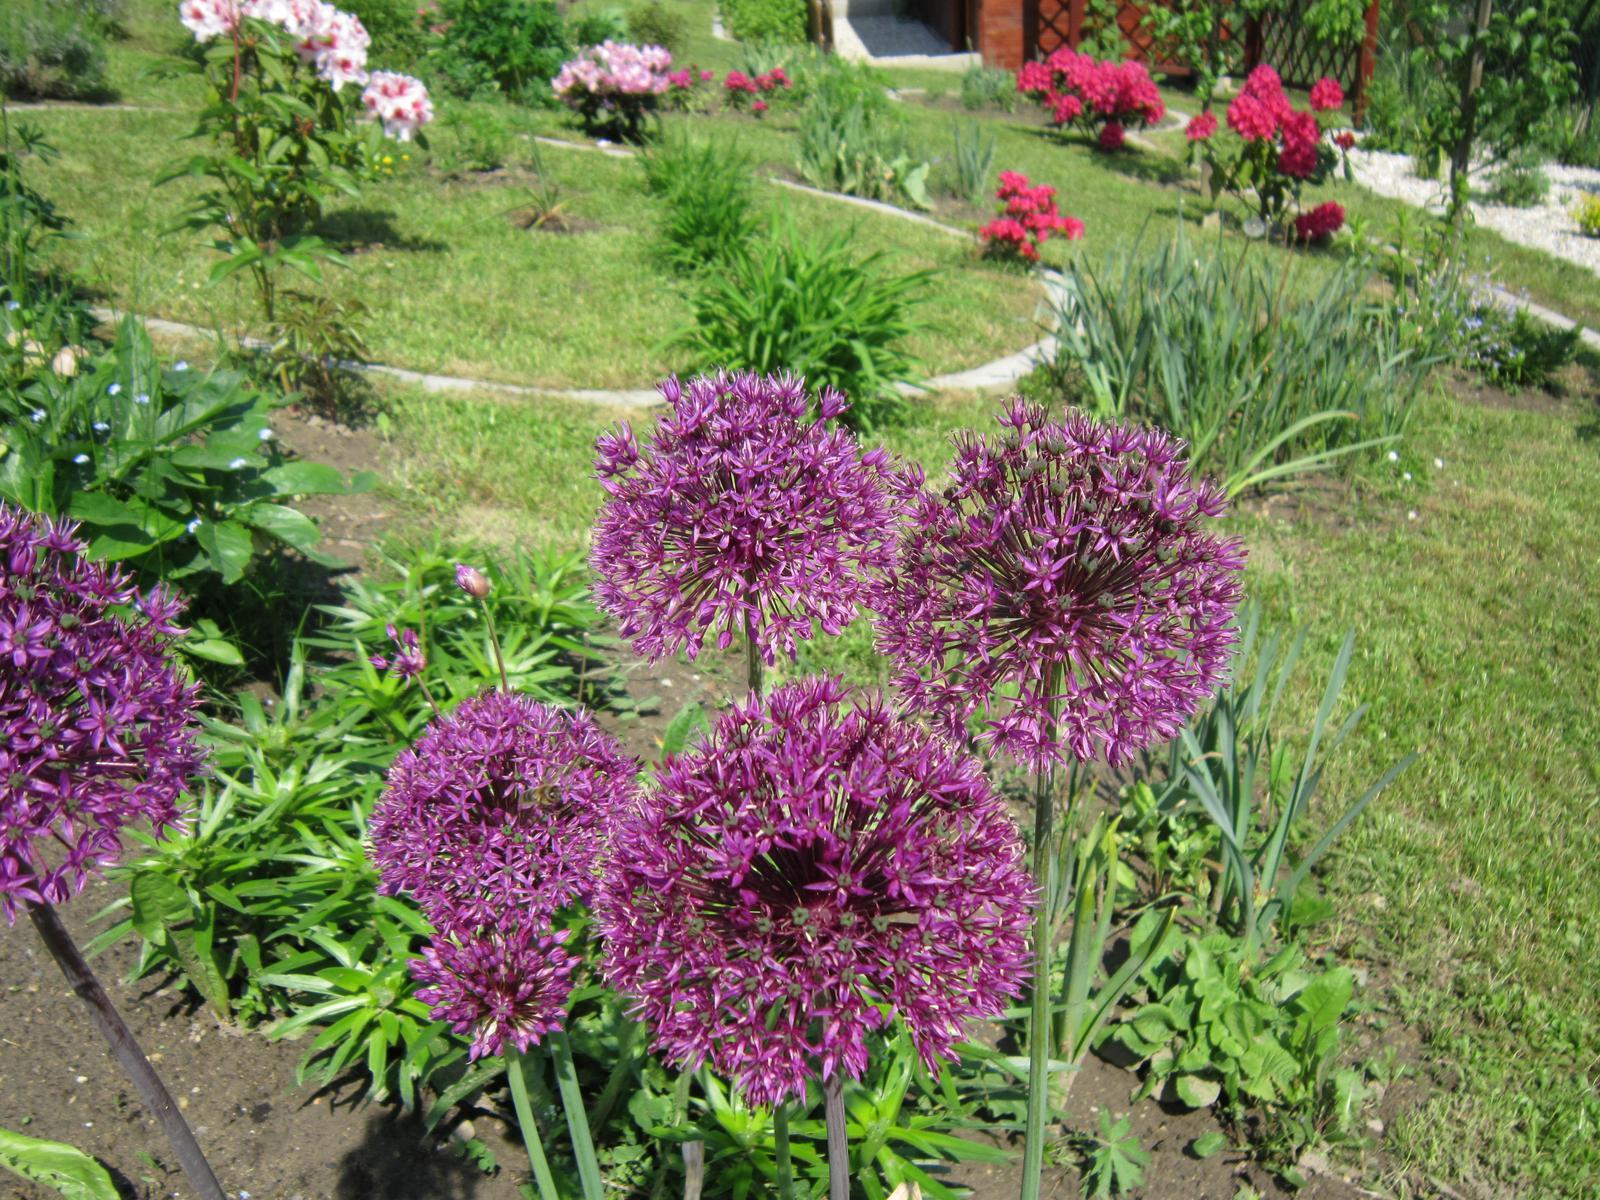 Moja záhrada...ako šiel čas - Obrázok č. 54